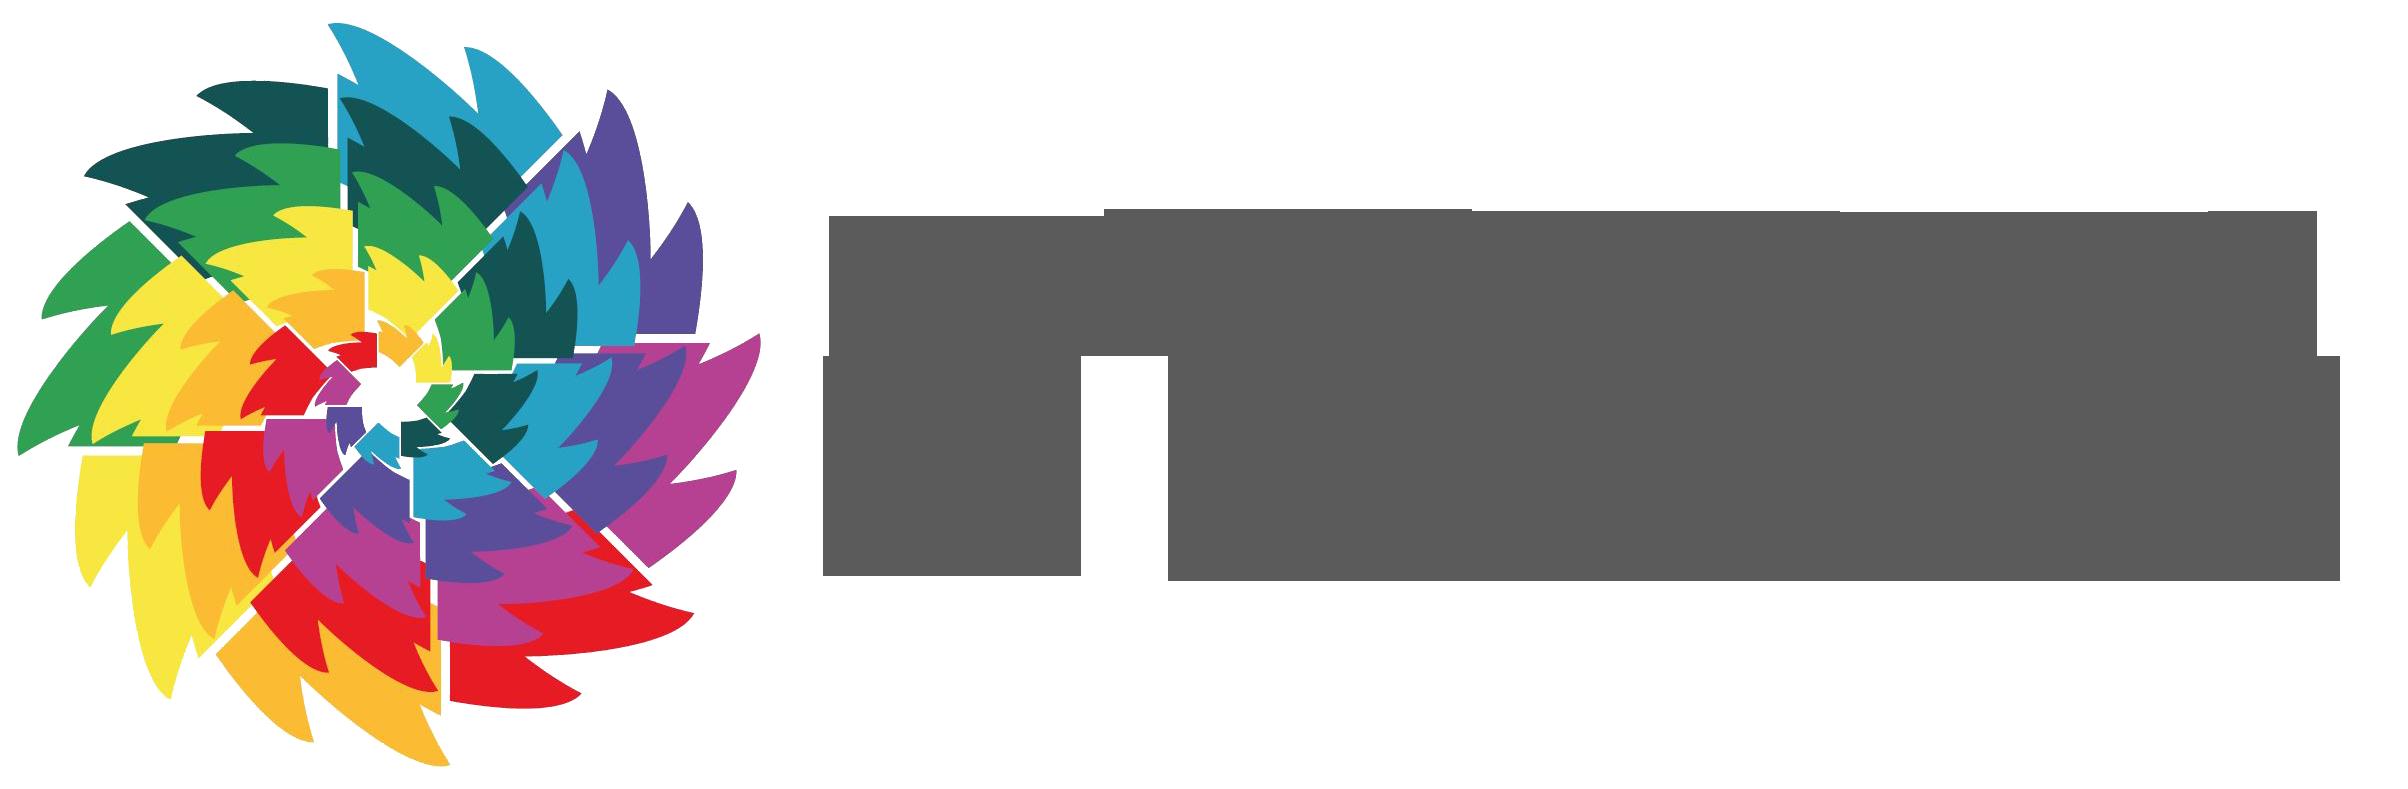 zyklus_sponsor_oenserhvervsnetvaerk